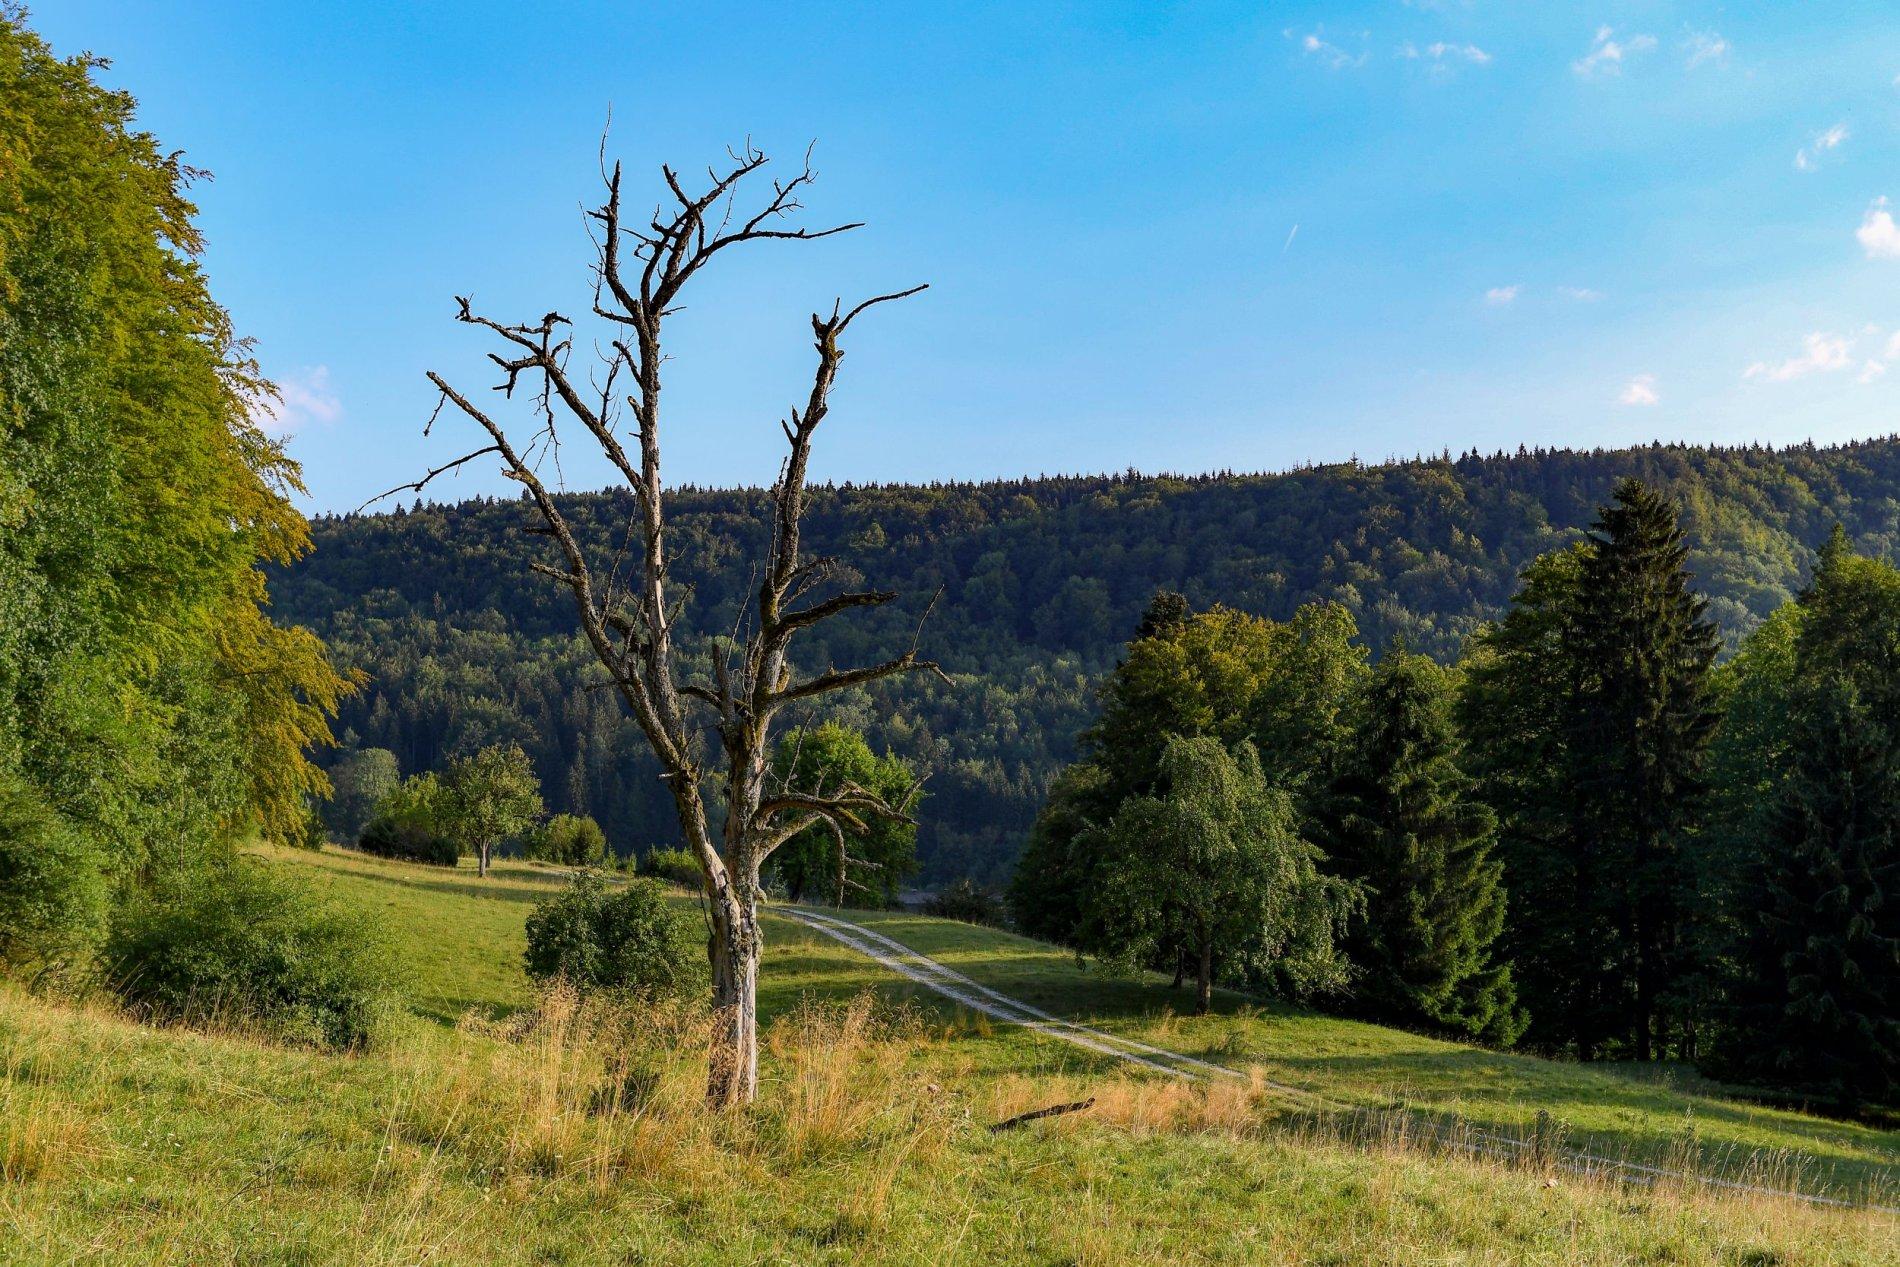 Naturschutzgebiet Roschbach - so schön, so ruhig!